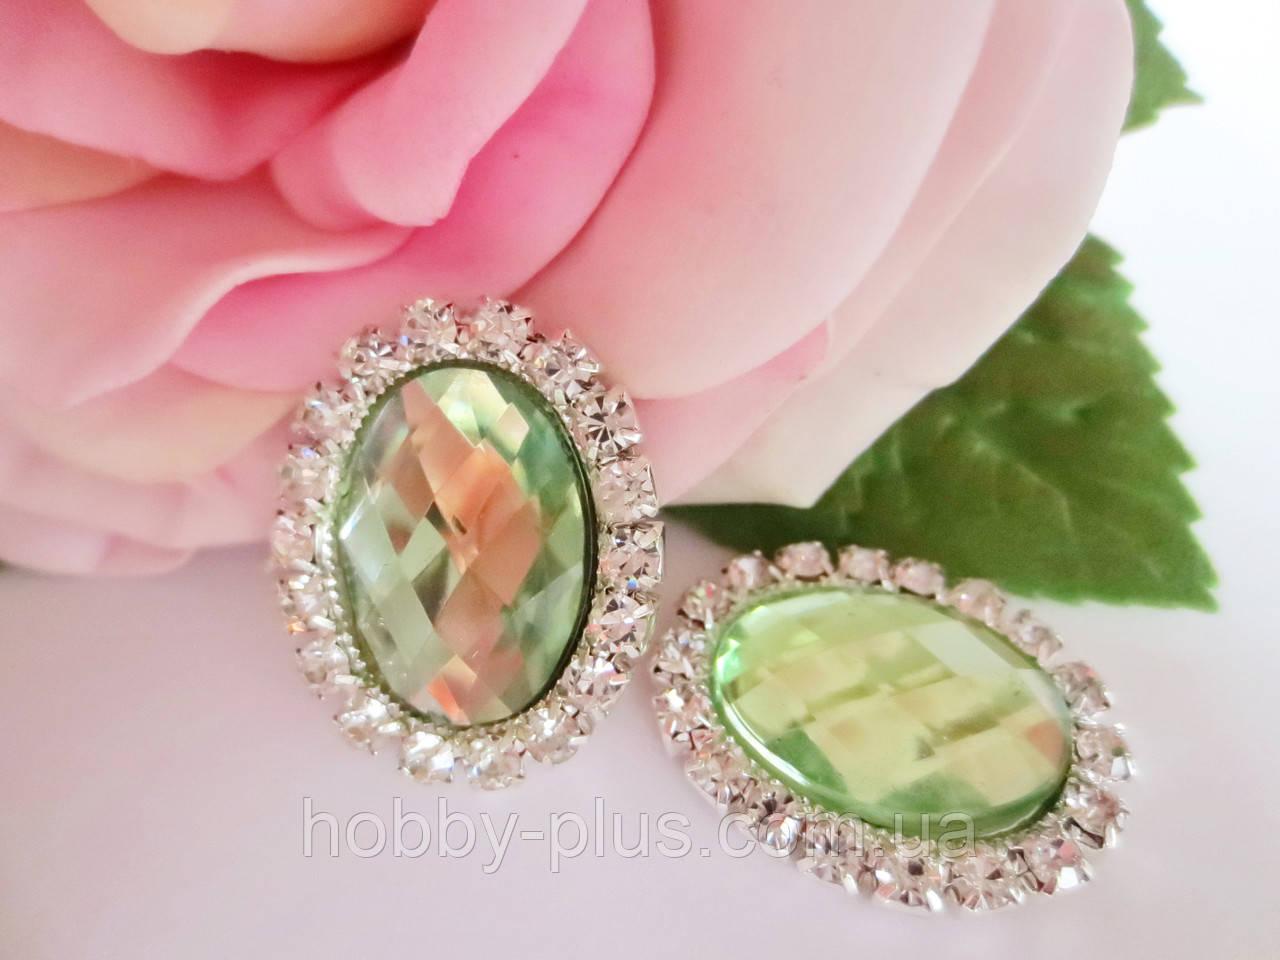 Камень в стразовой оправе, 20х25 мм, цвет светло-зеленый (лайм)